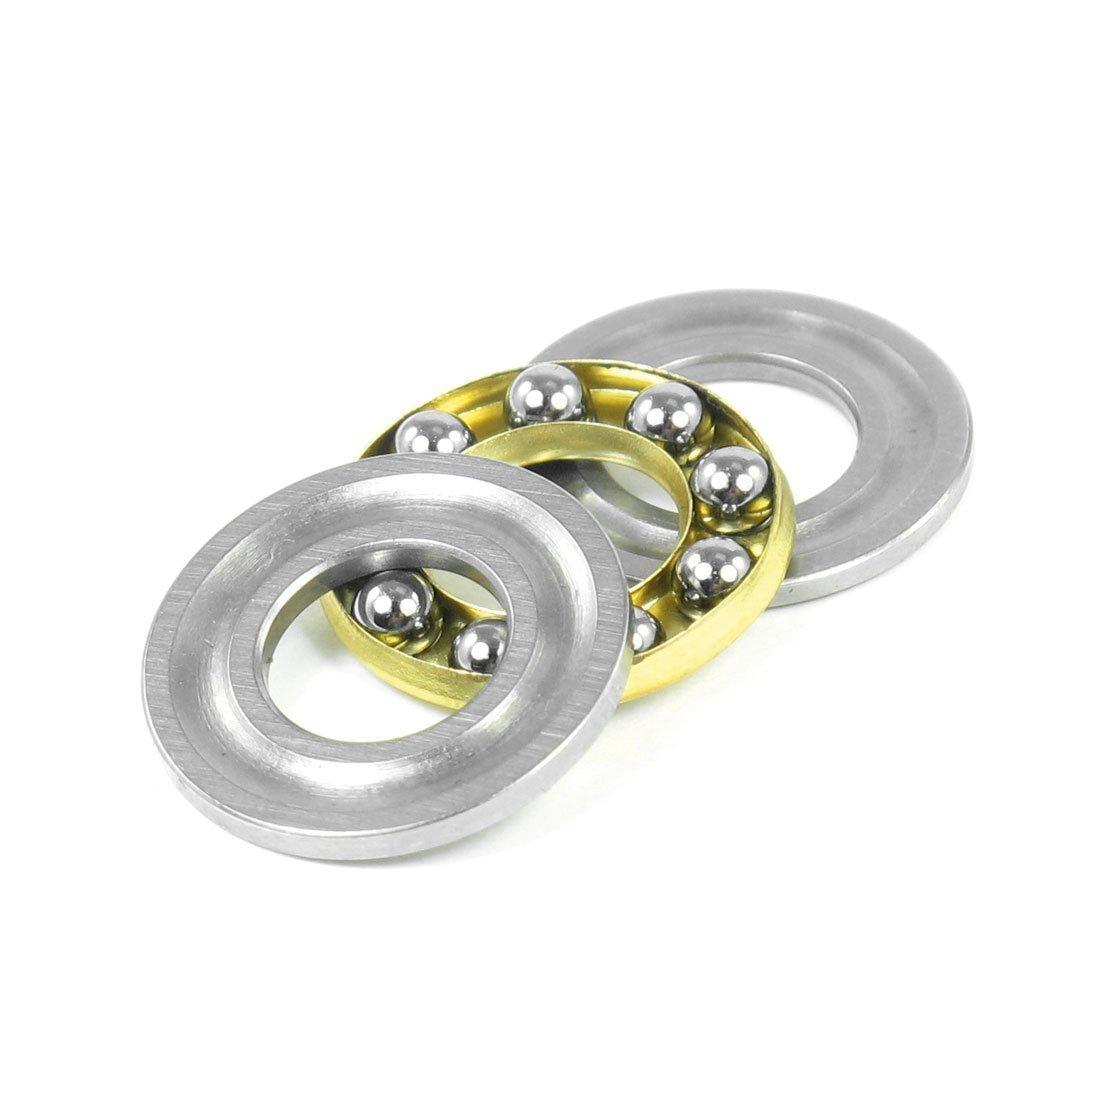 16 mm x 8 mm x 5 mm F8 * 16 Metal individual Direction impulso de rodamiento de rodillo Sourcingmap a13042400ux0485